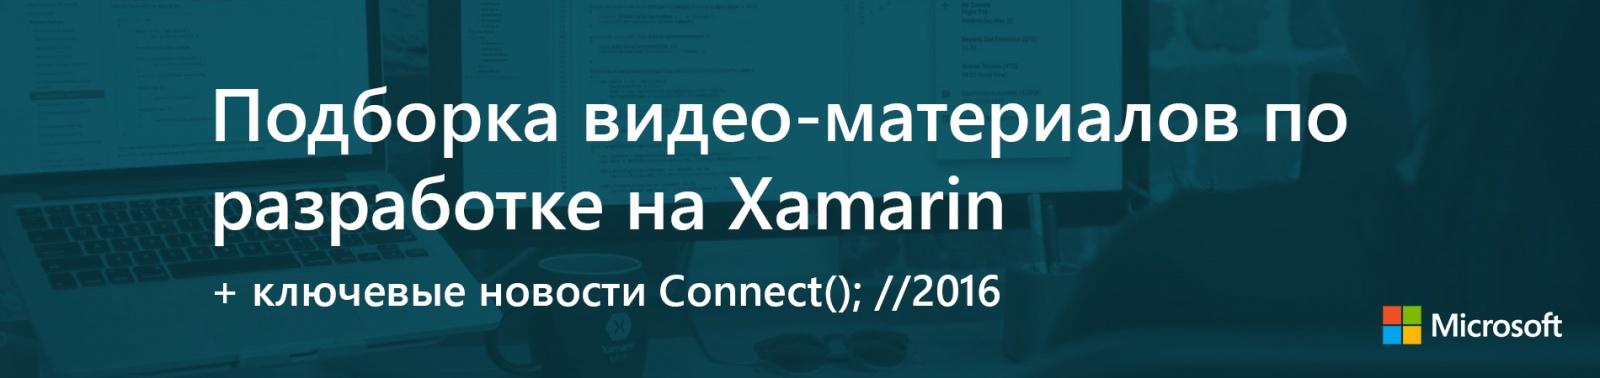 Подборка видео-материалов по разработке на Xamarin + ключевые новости Connect(); --2016 - 1